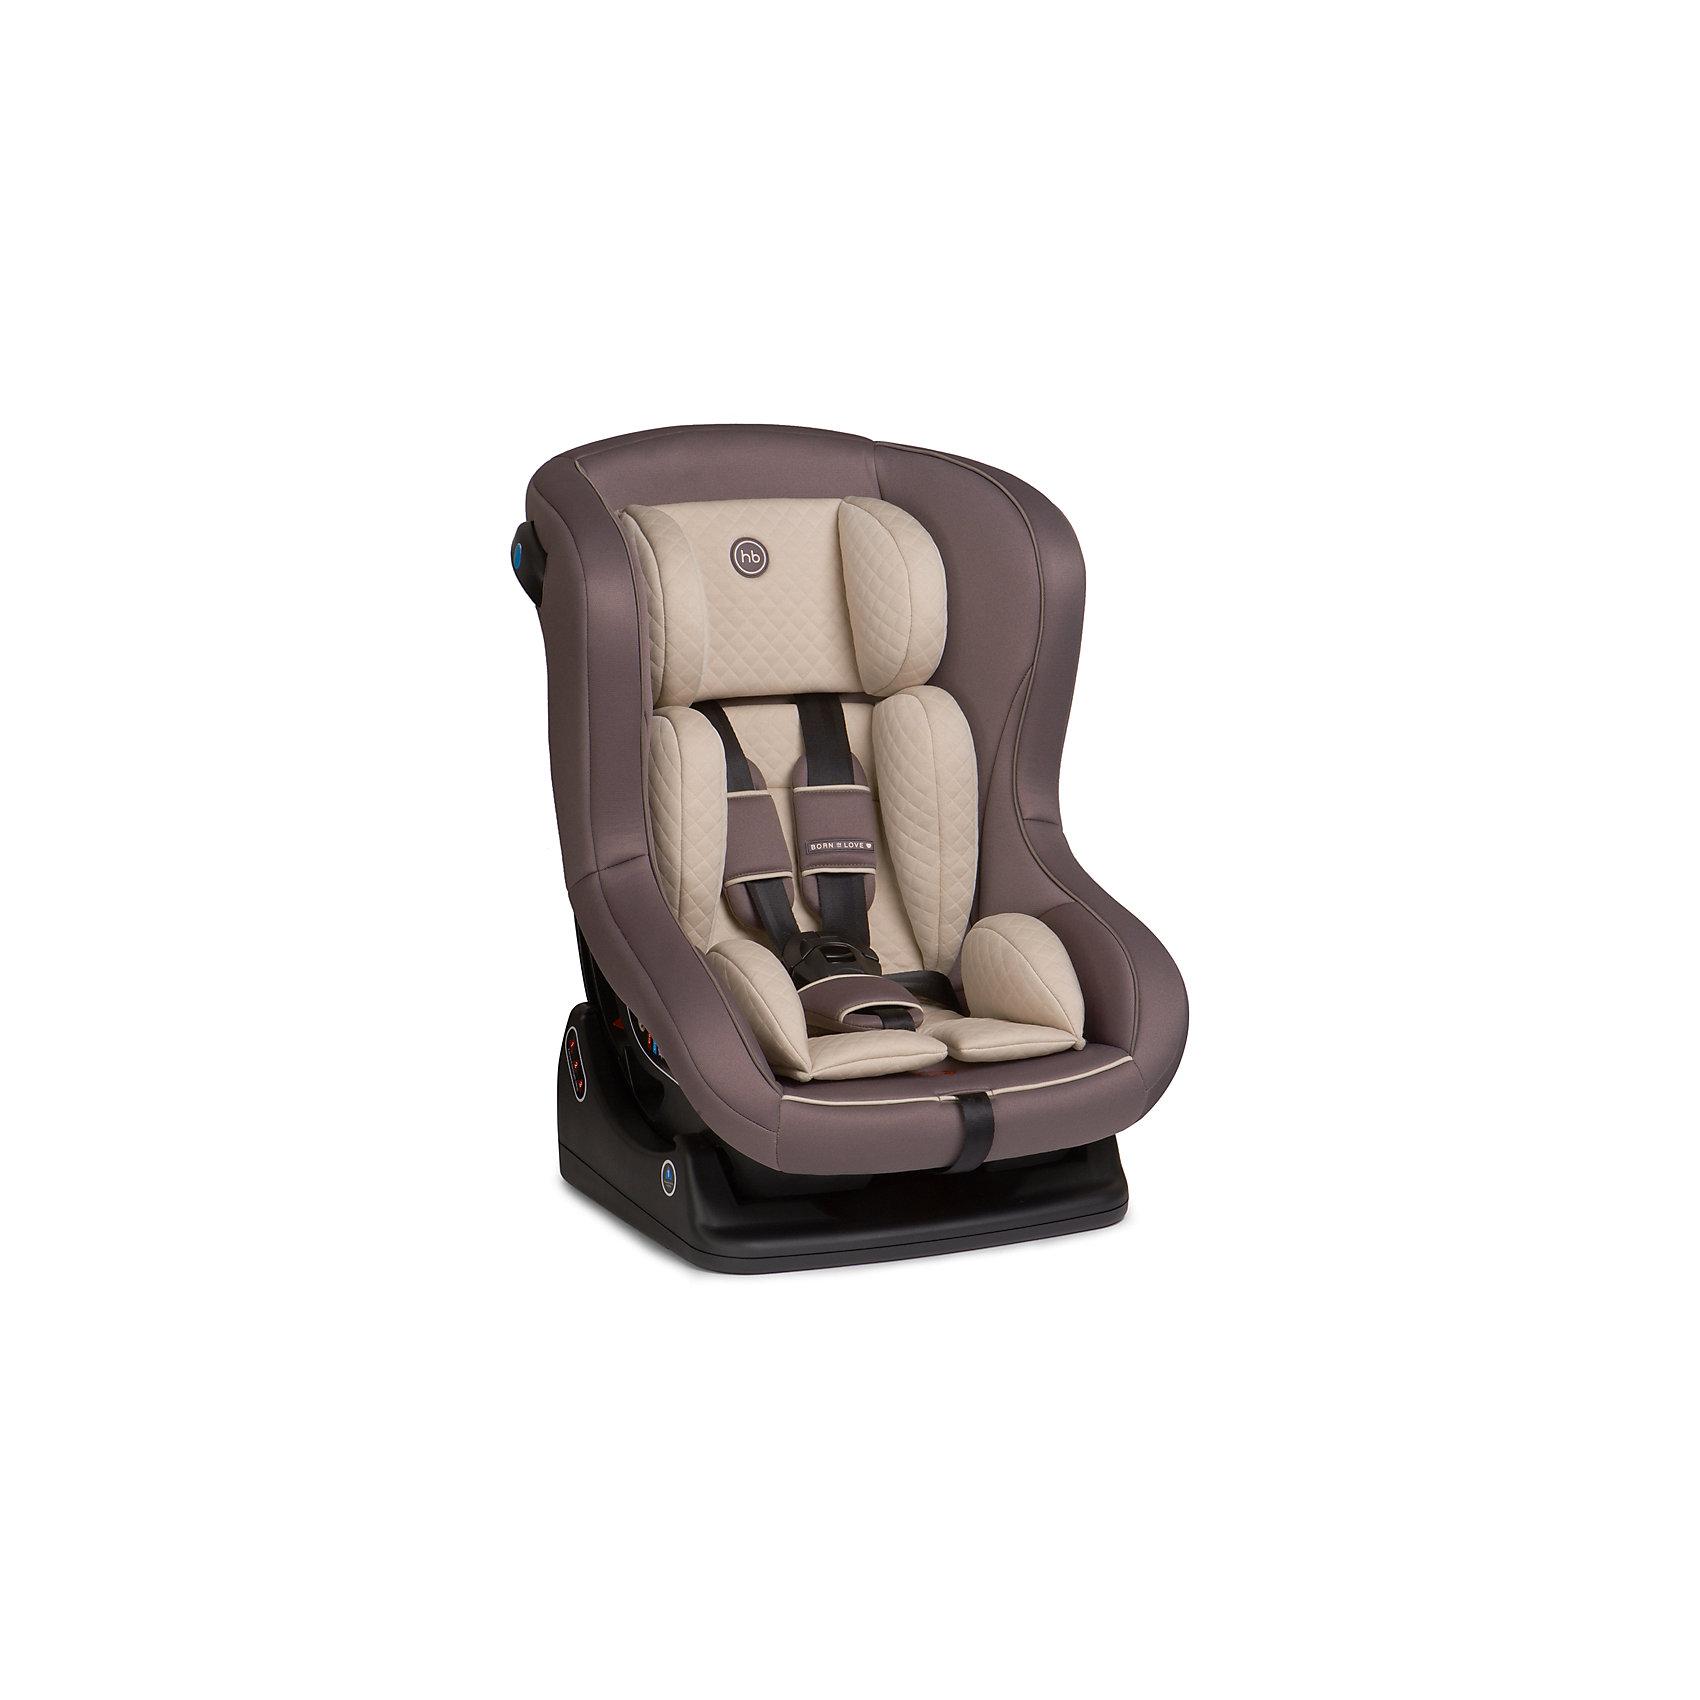 Автокресло Happy Baby PASSENGER, 0-18 кг, серыйГруппа 0+, 1 (До 18 кг)<br>Автокресло PASSENGER – это удобное, элегантное кресло для детей до 18 кг (группа 0+/1), предназначенное для комфортных поездок в автомобиле. Безопасность в машине обеспечивают пятиточечные ремни безопасности, а 4 положения наклона спинки позволят малышу безмятежно уснуть в пути. Модель PASSENGER отлично впишется в интерьер салона вашего автомобиля, имеет мягкий вкладыш для самых маленьких путешественников, фиксатор натяжения ремня и съемный чехол для удаления загрязнений. Плавные, изящные линии автокресла PASSENGER мягко обволокут малыша, а вместительное сиденье подарит ему необыкновенный комфорт. Устанавливается лицом по ходу или против движения автомобиля, в зависимости от возраста и веса ребенка.<br><br>Дополнительная информация:<br><br>Регулируемая высота плечевых ремней и подголовника, 3 положения<br>Четыре положения наклона спинки<br>Пятиточечные ремни безопасности<br>Защита от боковых ударов<br>Фиксатор натяжения ремня<br>Съемный чехол<br>Мягкая фактурная вкладка<br>СОСТАВ<br>Каркас: пластик, металл<br>Тканые материалы: 100 % полиэстер<br>Вес ребенка: до 18 кг<br>Габариты автокресла (ВхШхГ): 34 х37 х 61 см<br>Ширина посадочного места с вкладкой/без вкладки: 26/30 см<br>Глубина посадочного места с вкладкой/без вкладки: 27/33 см<br>Длинна спального места с вкладкой/без вкладки: 76/80 см<br>Вес автокресла: 4,8 кг<br>Крепится штатным ремнем безопасности: да<br>Ремни безопасности: 5-точечные<br>Трансформируется в бустер: нет<br>Регулируемый наклон спинки: 4 положения<br><br><br>Автокресло PASSENGER, 0-18 кг., Happy Baby, серый можно купить в нашем магазине.<br><br>Ширина мм: 490<br>Глубина мм: 550<br>Высота мм: 800<br>Вес г: 5950<br>Цвет: серый<br>Возраст от месяцев: 0<br>Возраст до месяцев: 48<br>Пол: Унисекс<br>Возраст: Детский<br>SKU: 4580576